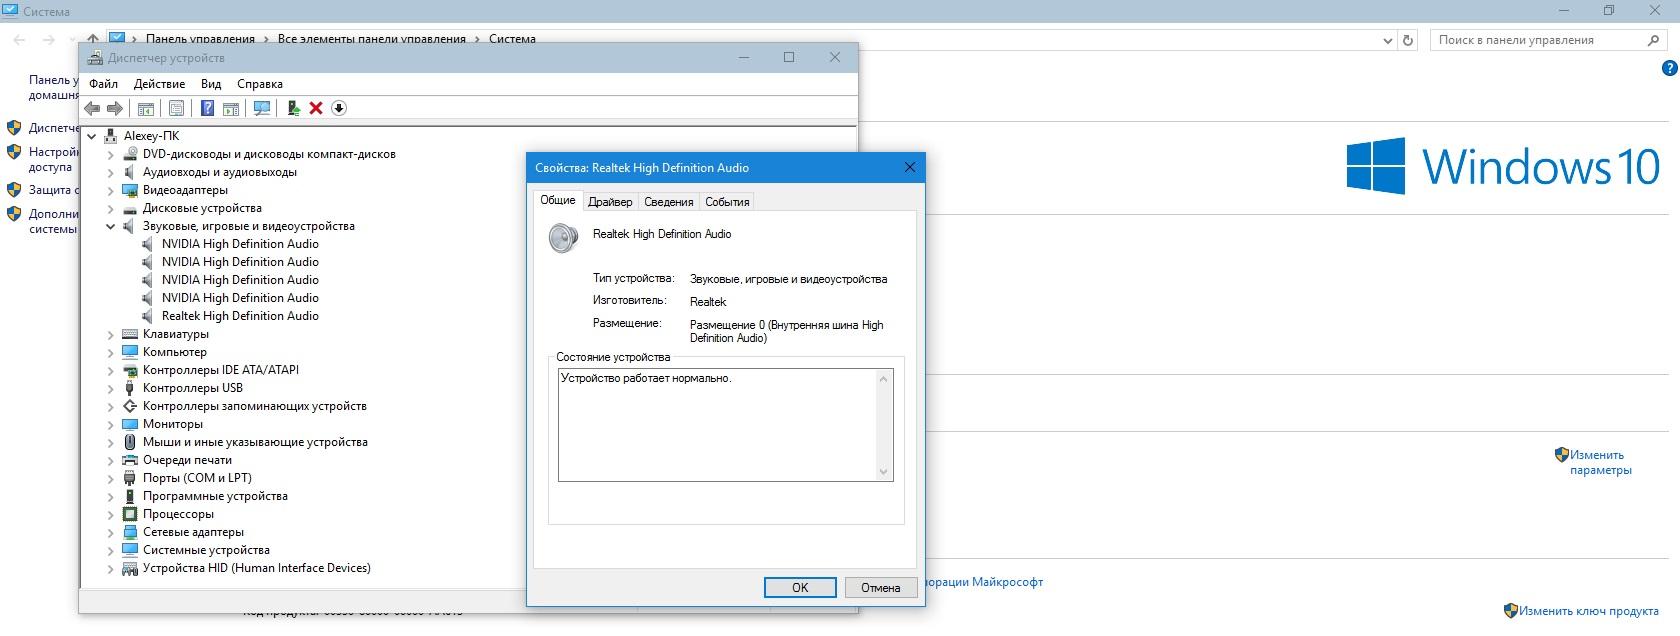 Универсальный аудио драйвер для windows 10 как исправить.